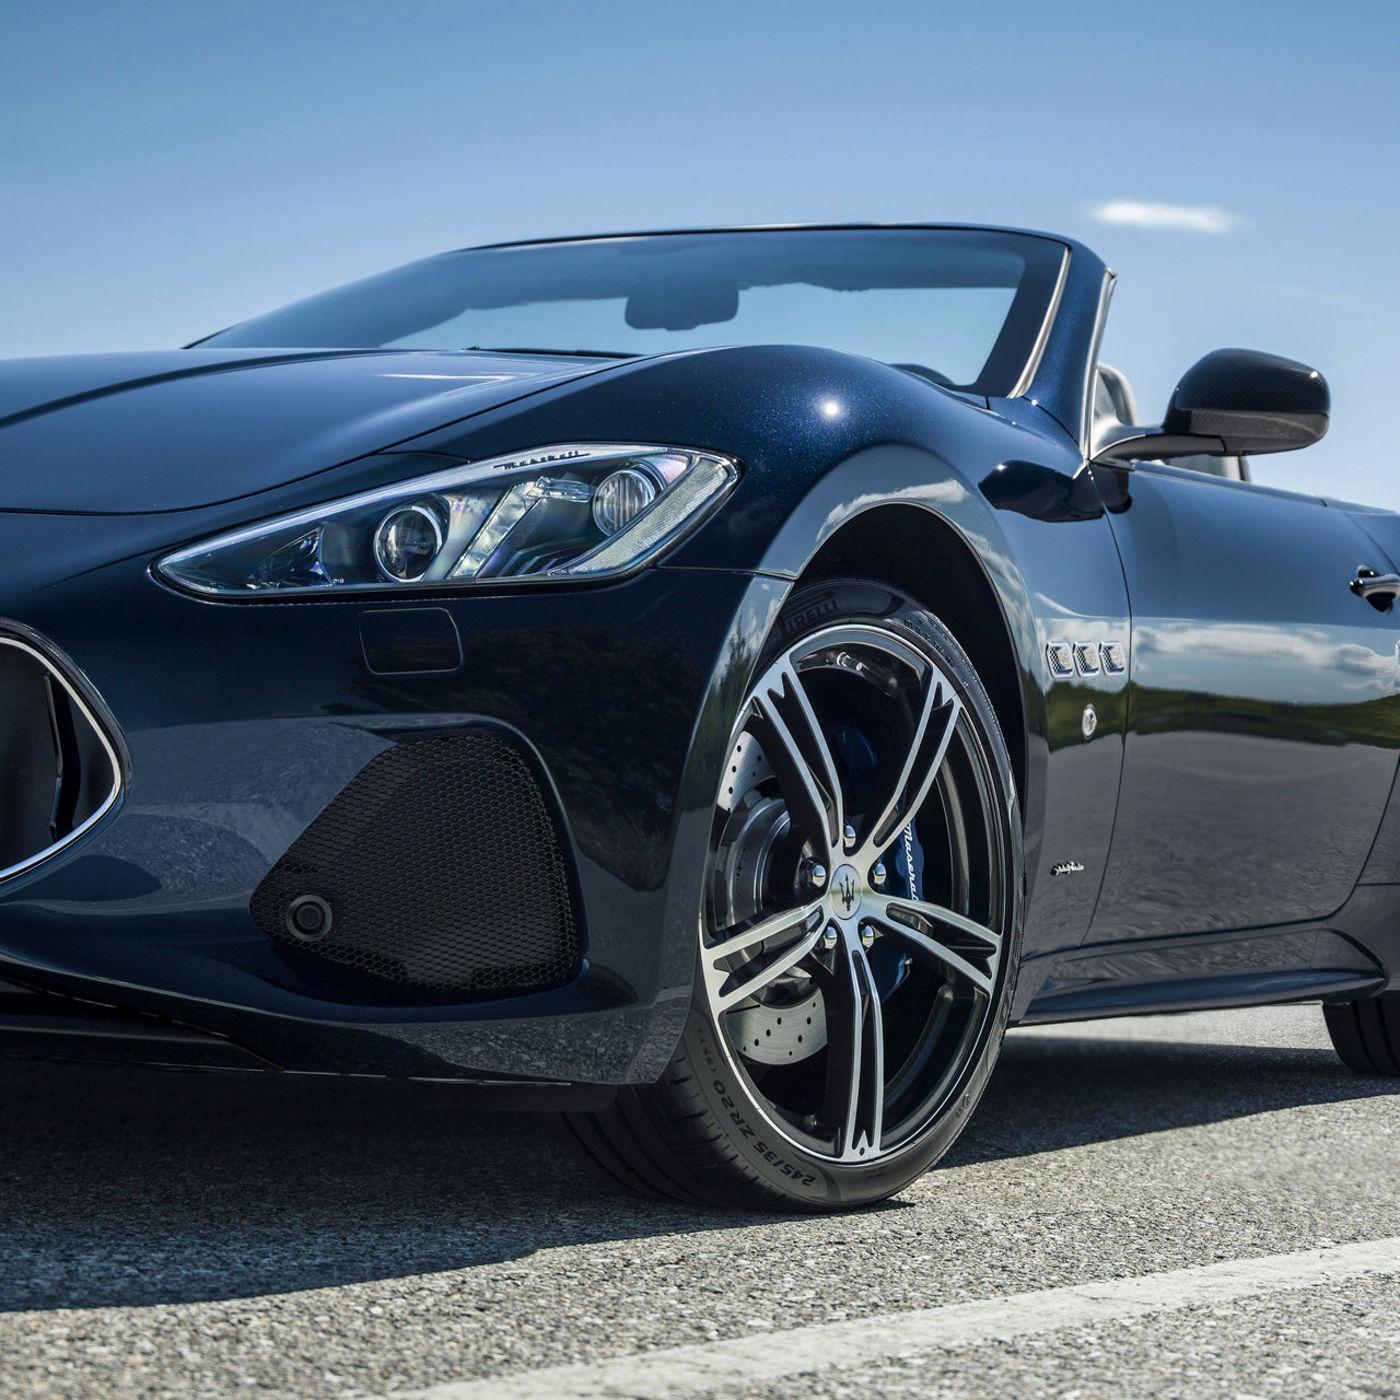 Maserati GranCabrio Rad und Scheinwerfer Detail